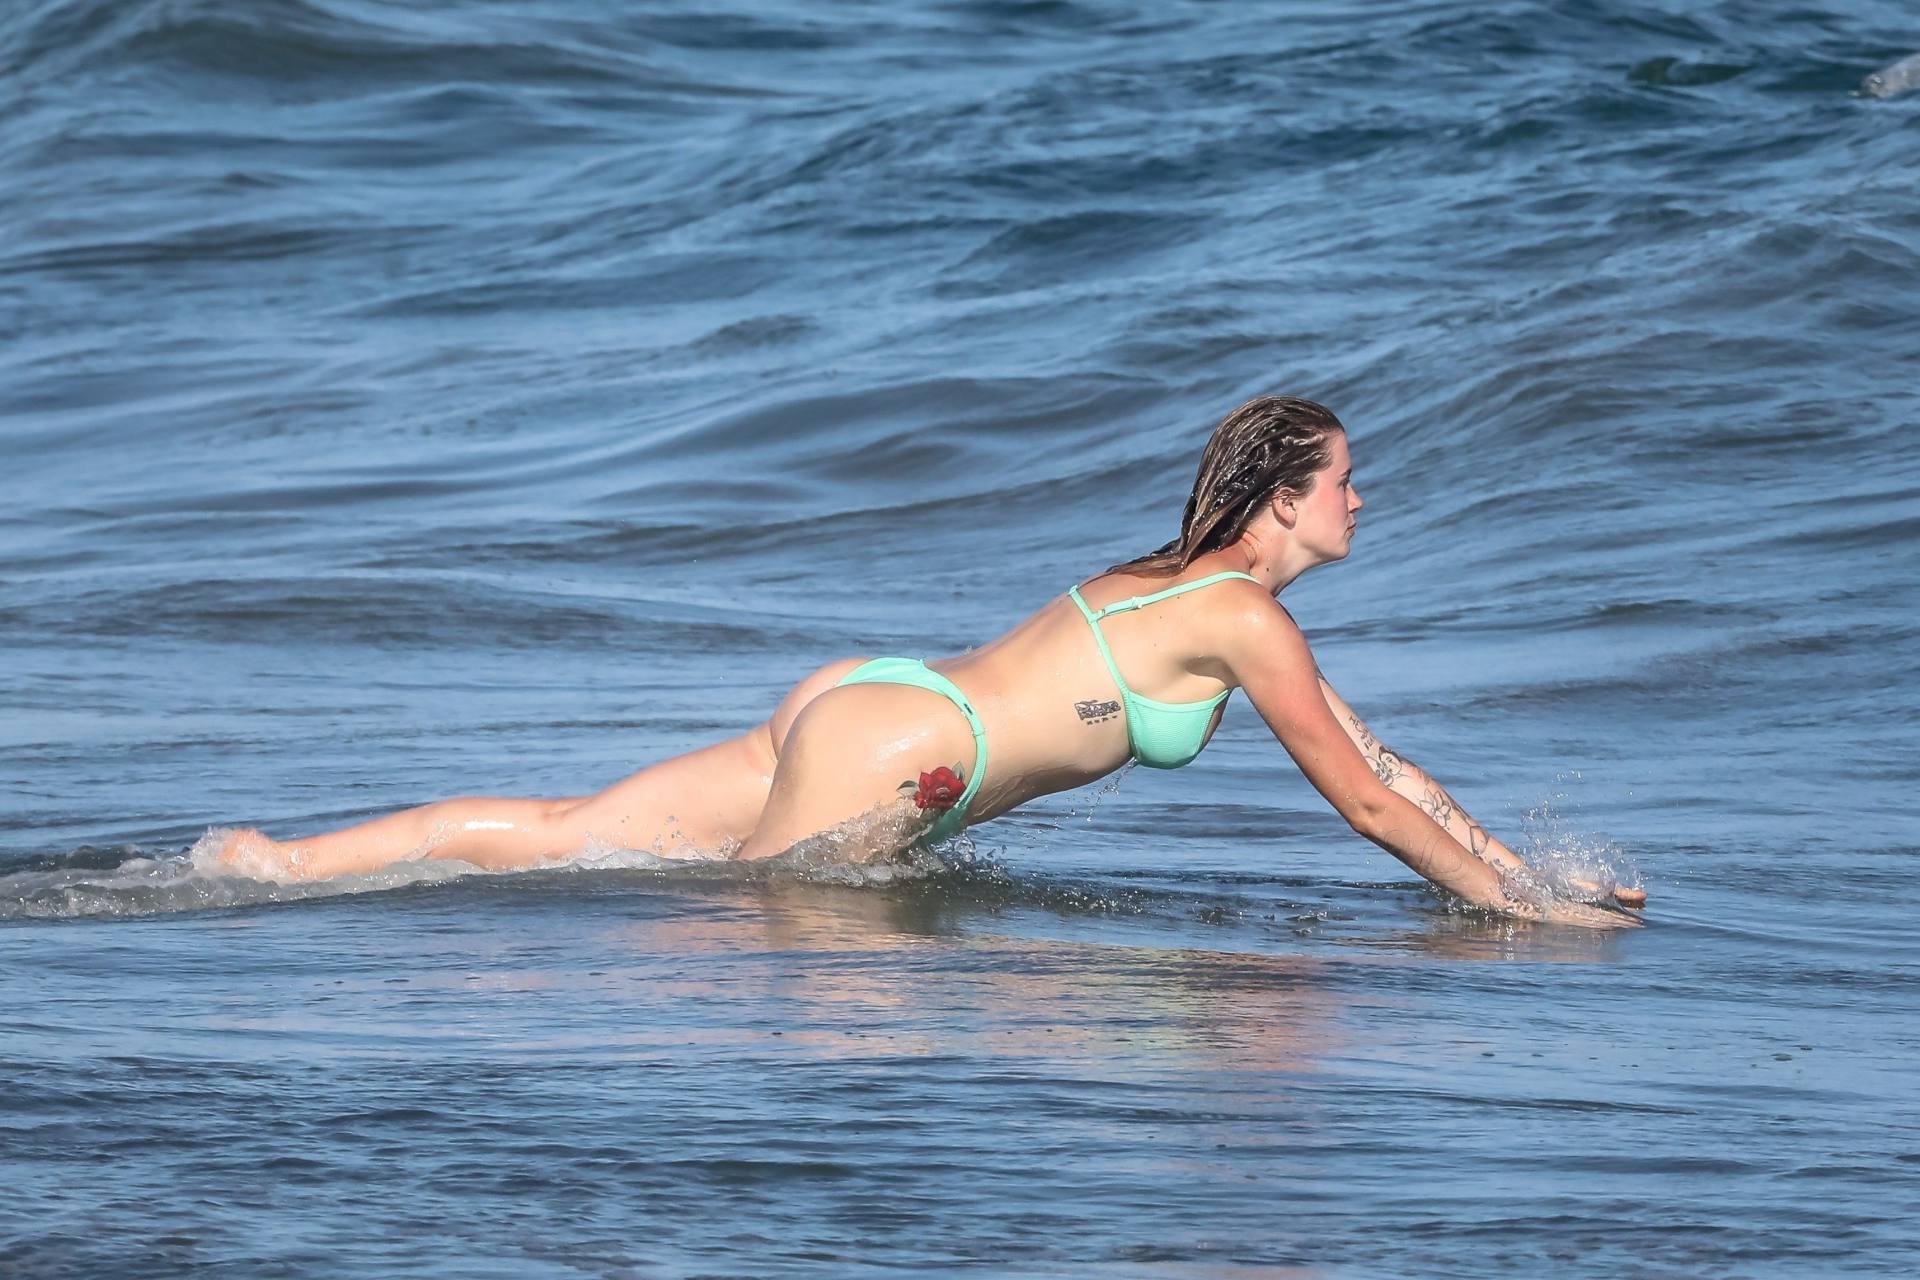 Ireland Baldwin Beautiful Boobs In Bikini